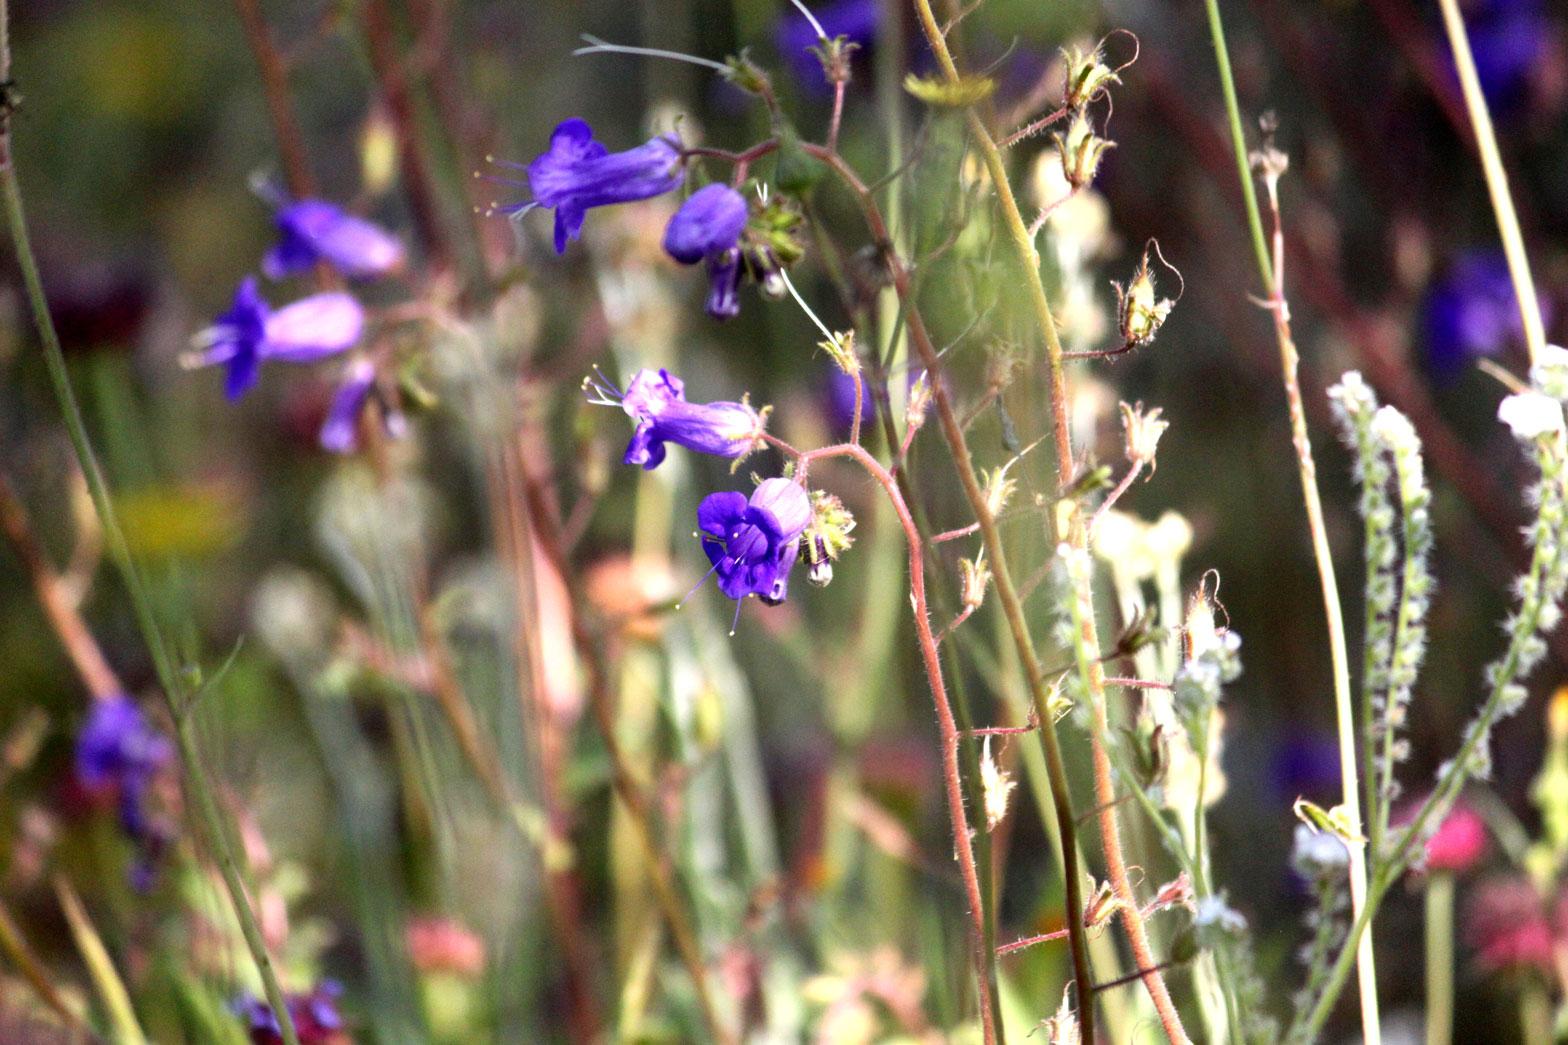 Desert Canterbury Bell flowers blooming in the Wildflower Field.